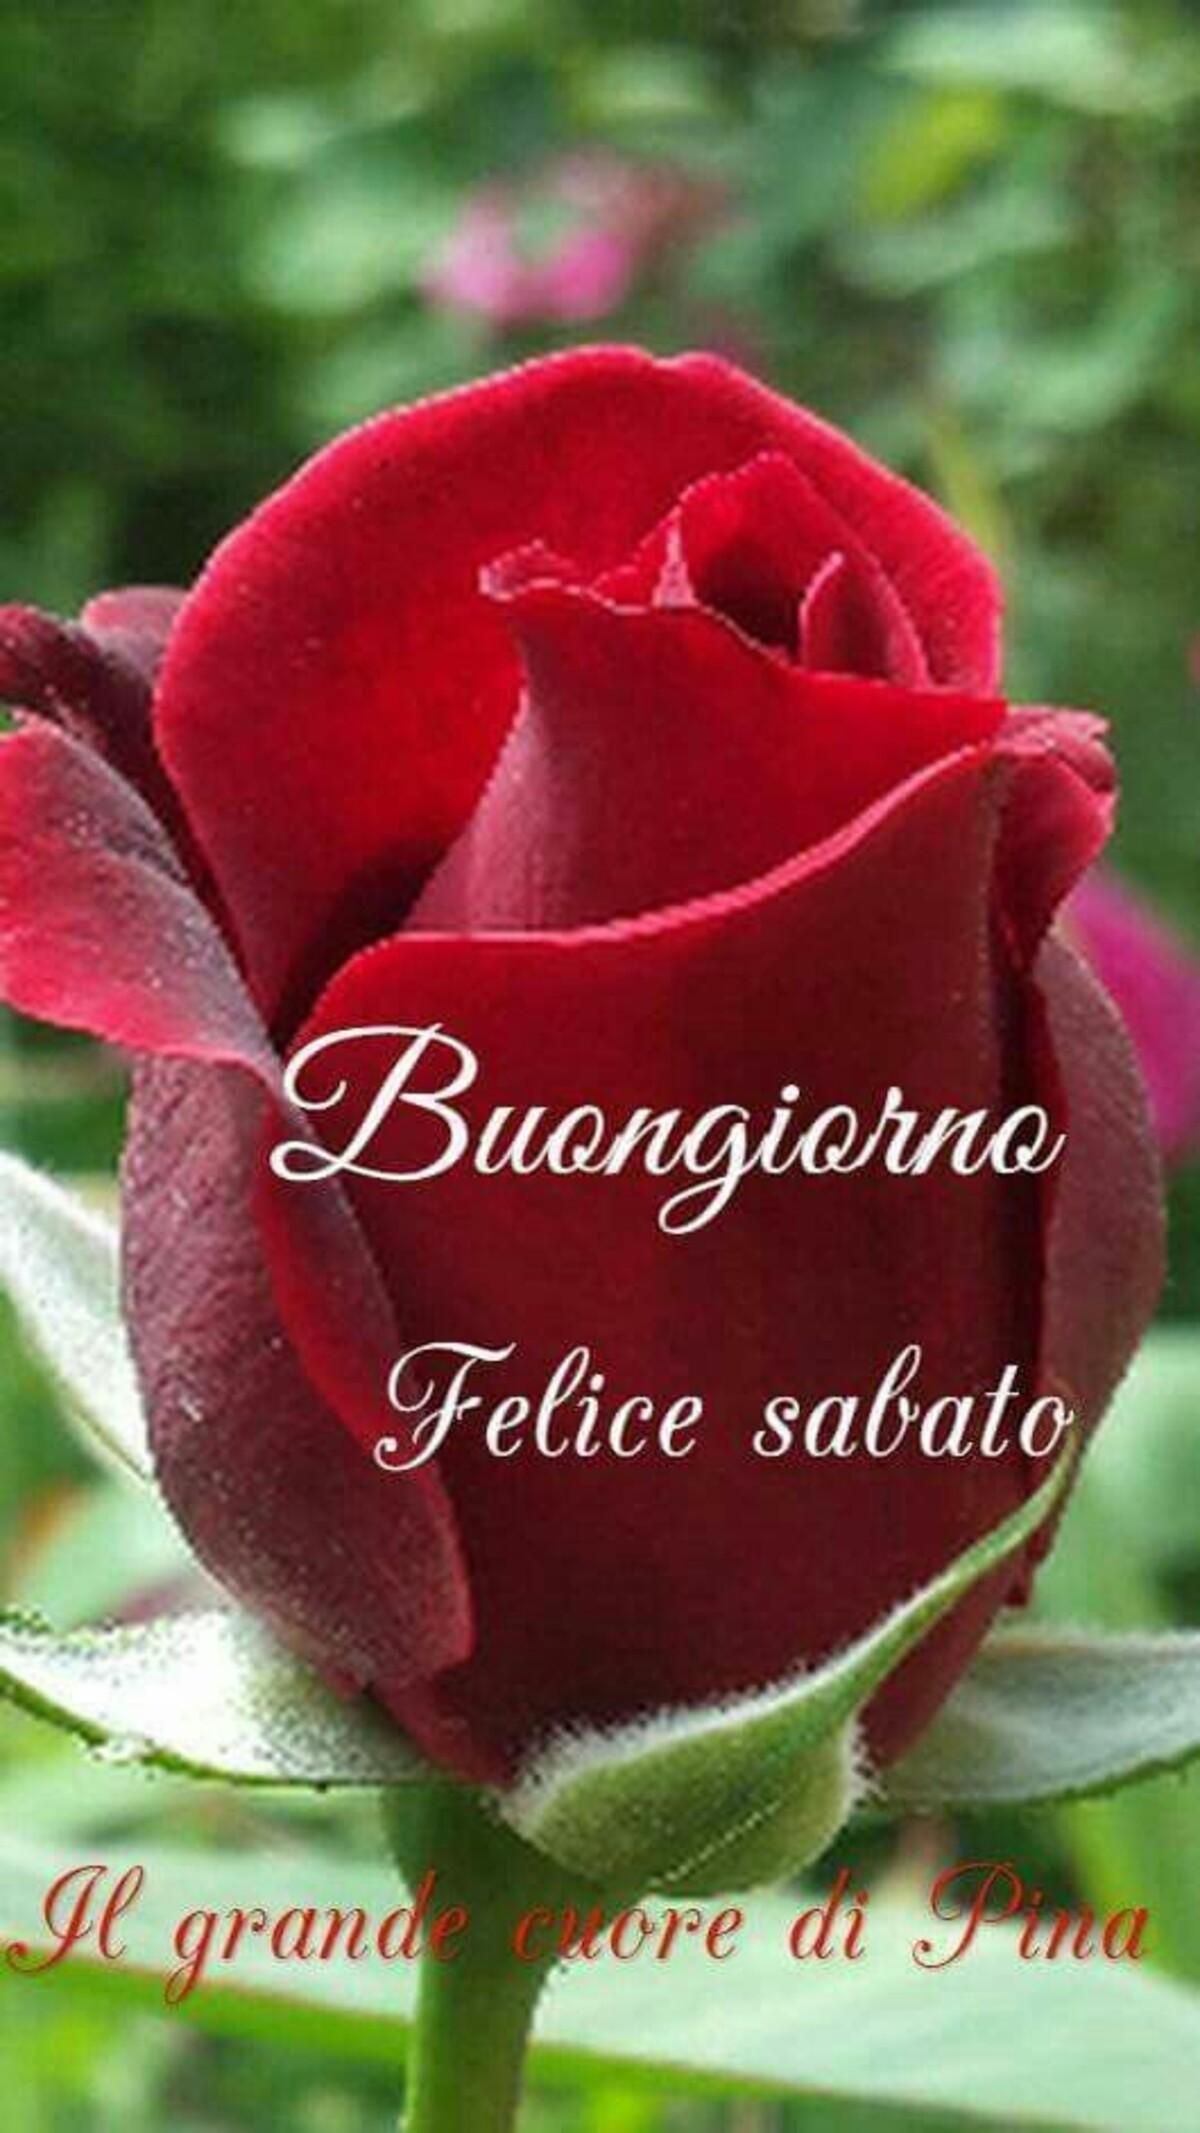 Buongiorno Felice Sabato